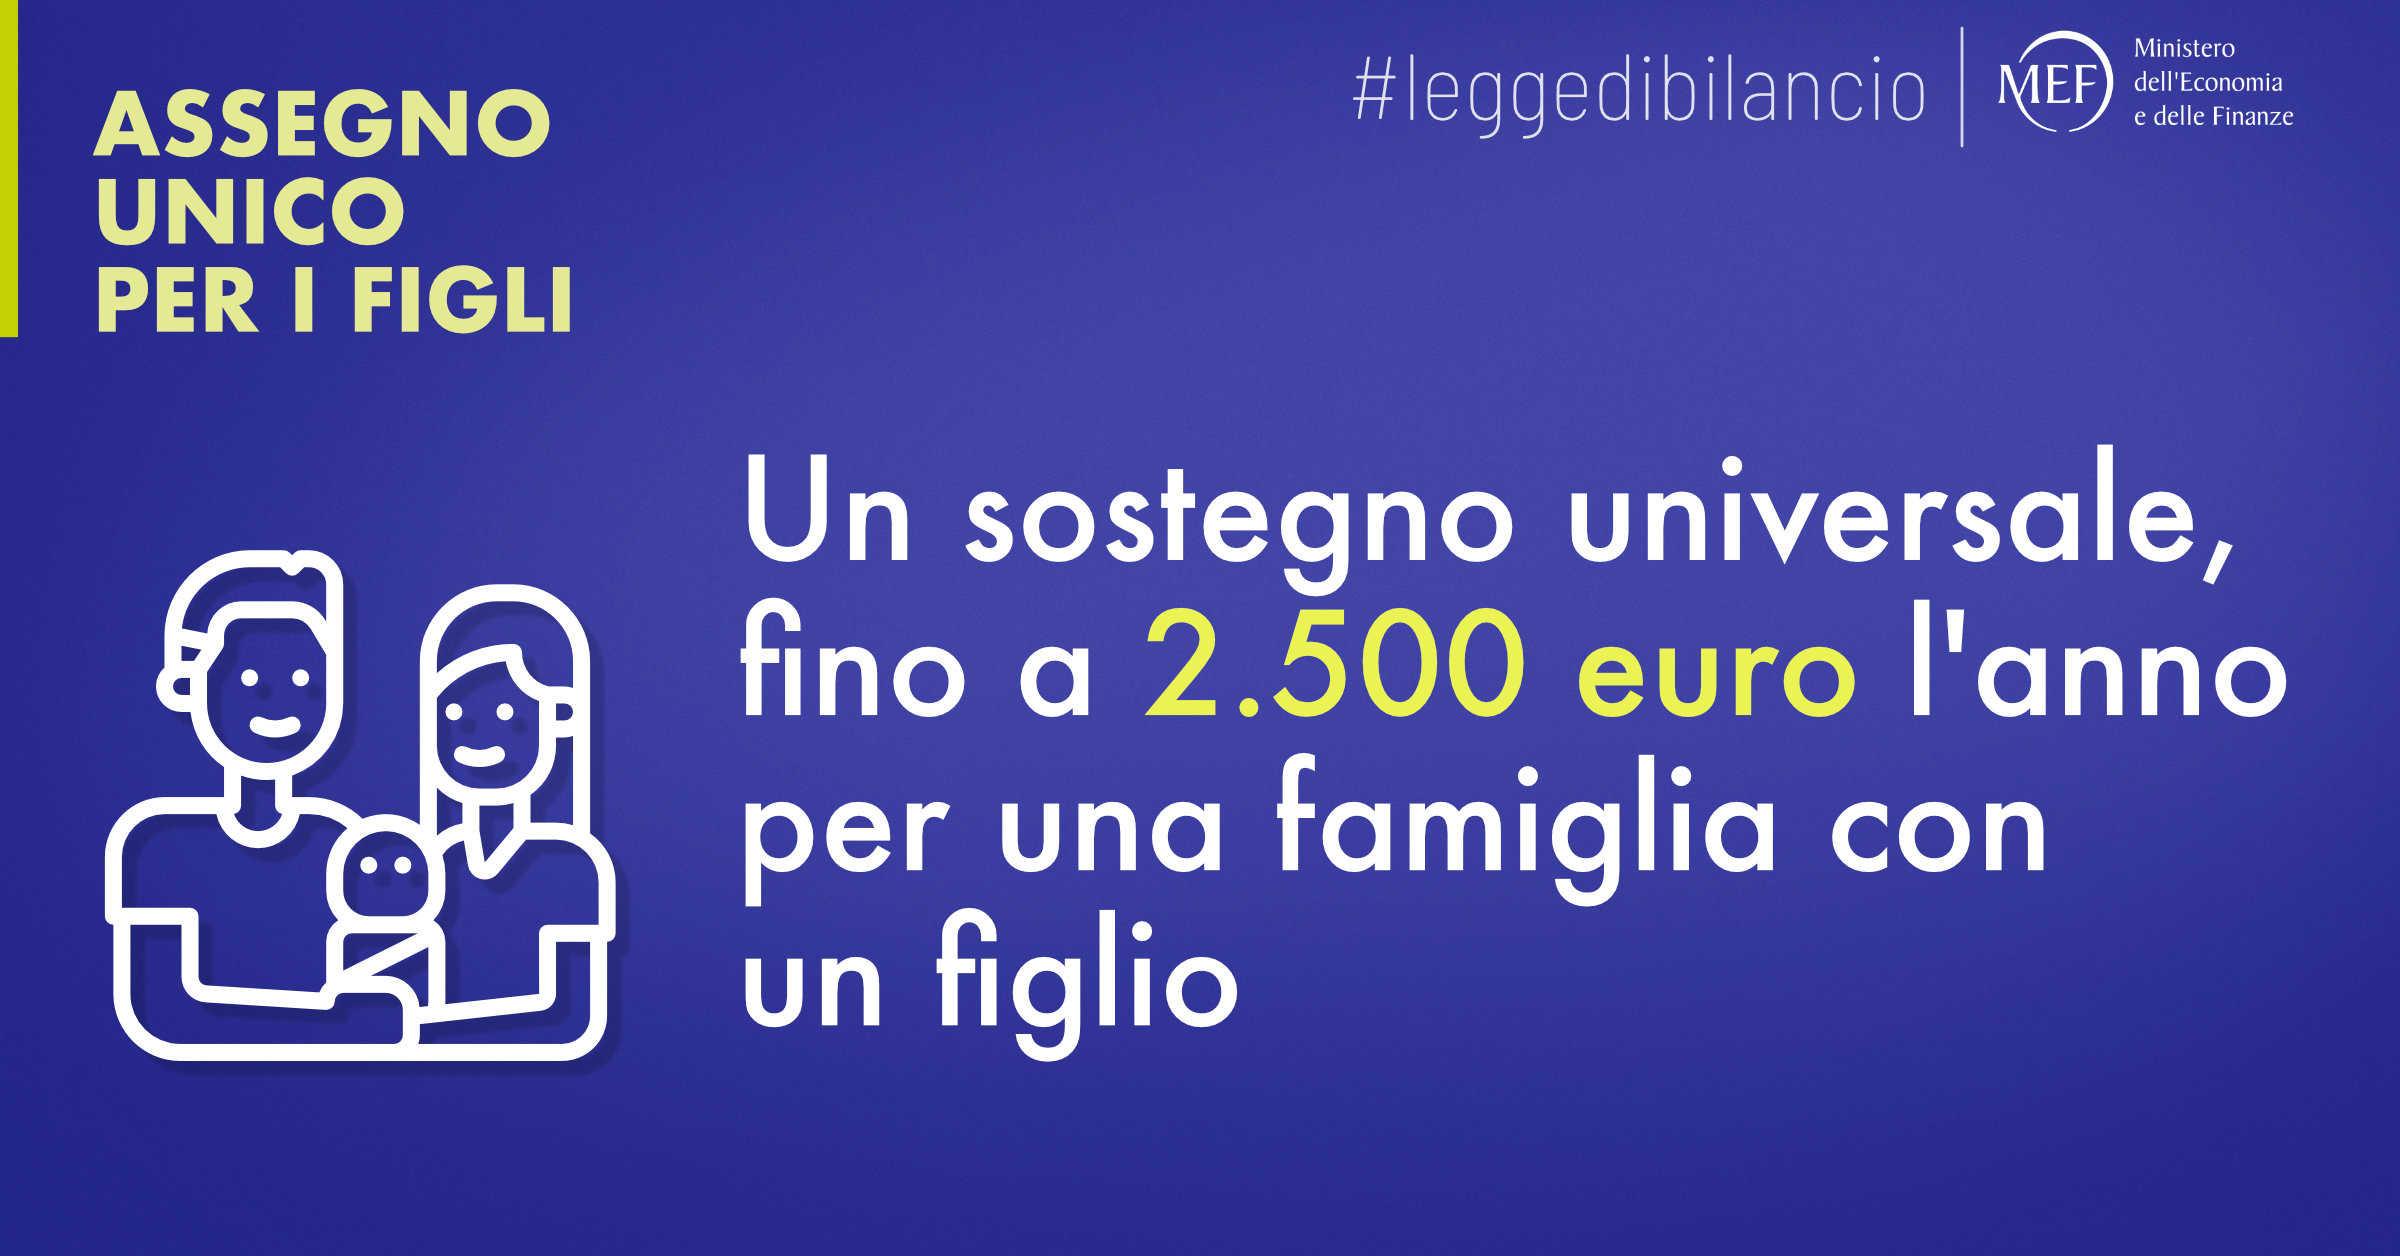 Assegno unico per i figli: un sostegno universale fino a 2.500 euro l'anno per una famiglia con un figlio